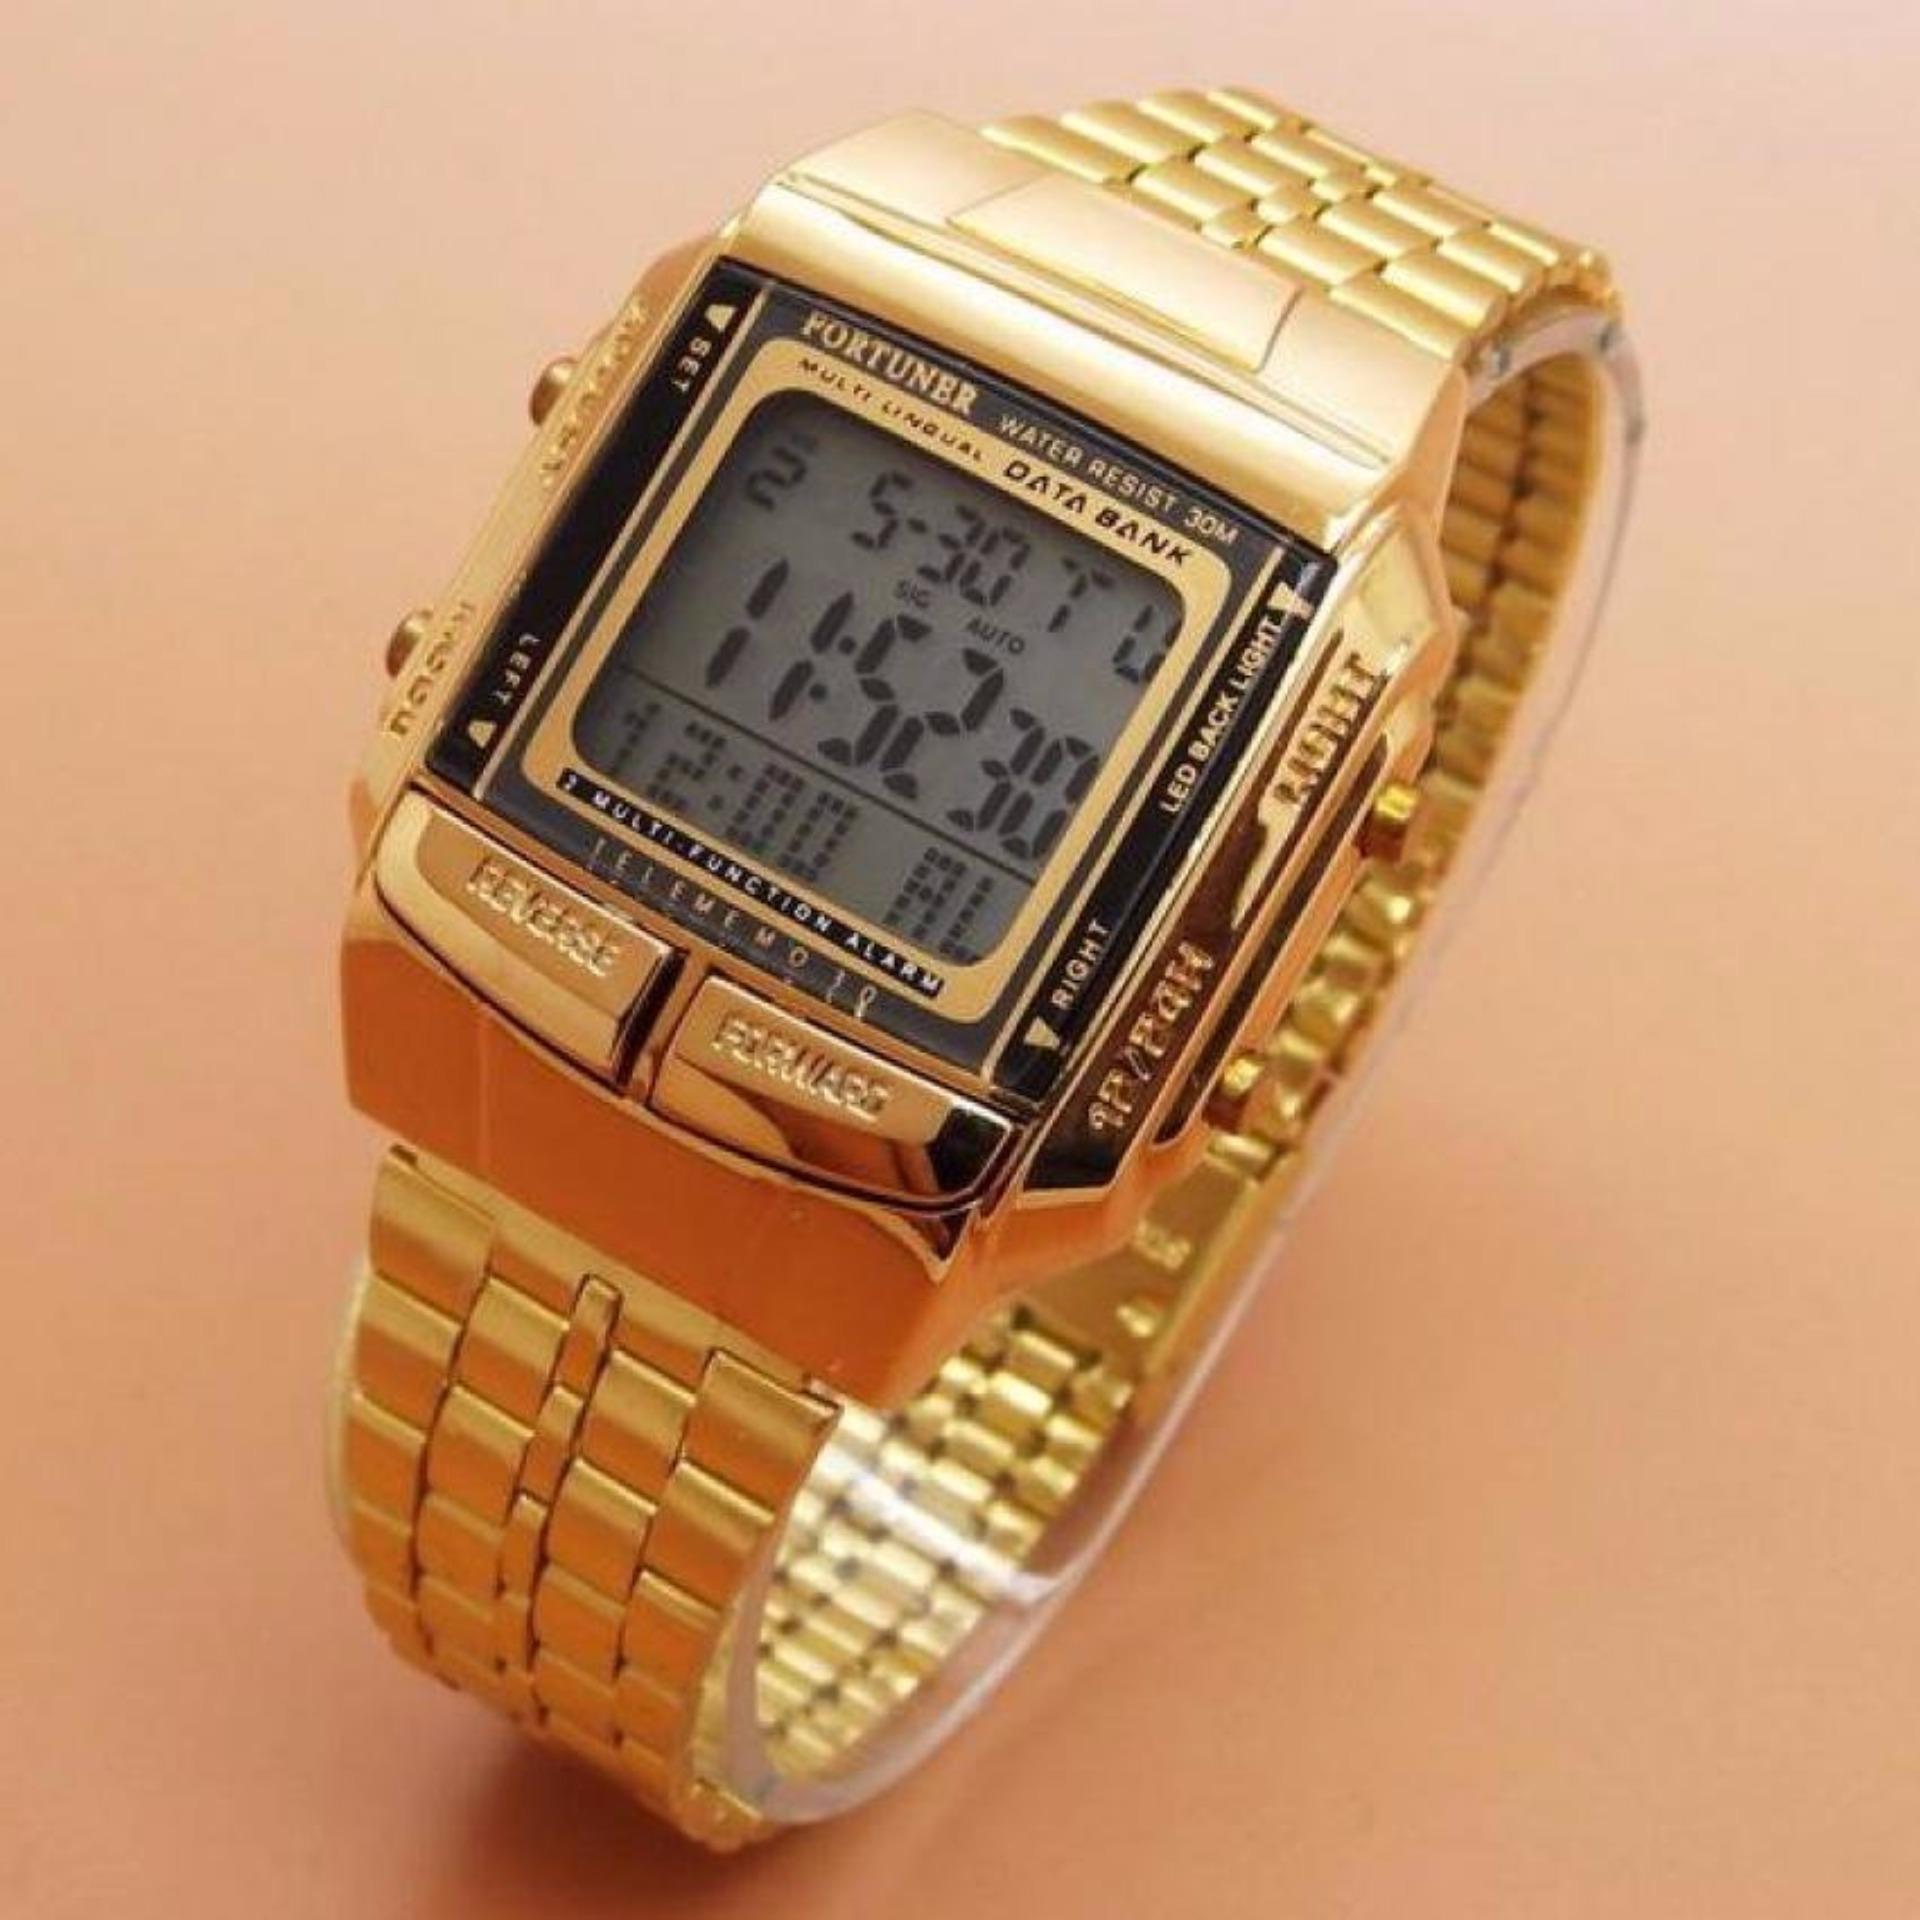 Jam Tangan Wanita Fortuner Strap Stainless Steel - Gold - FR J-505 G